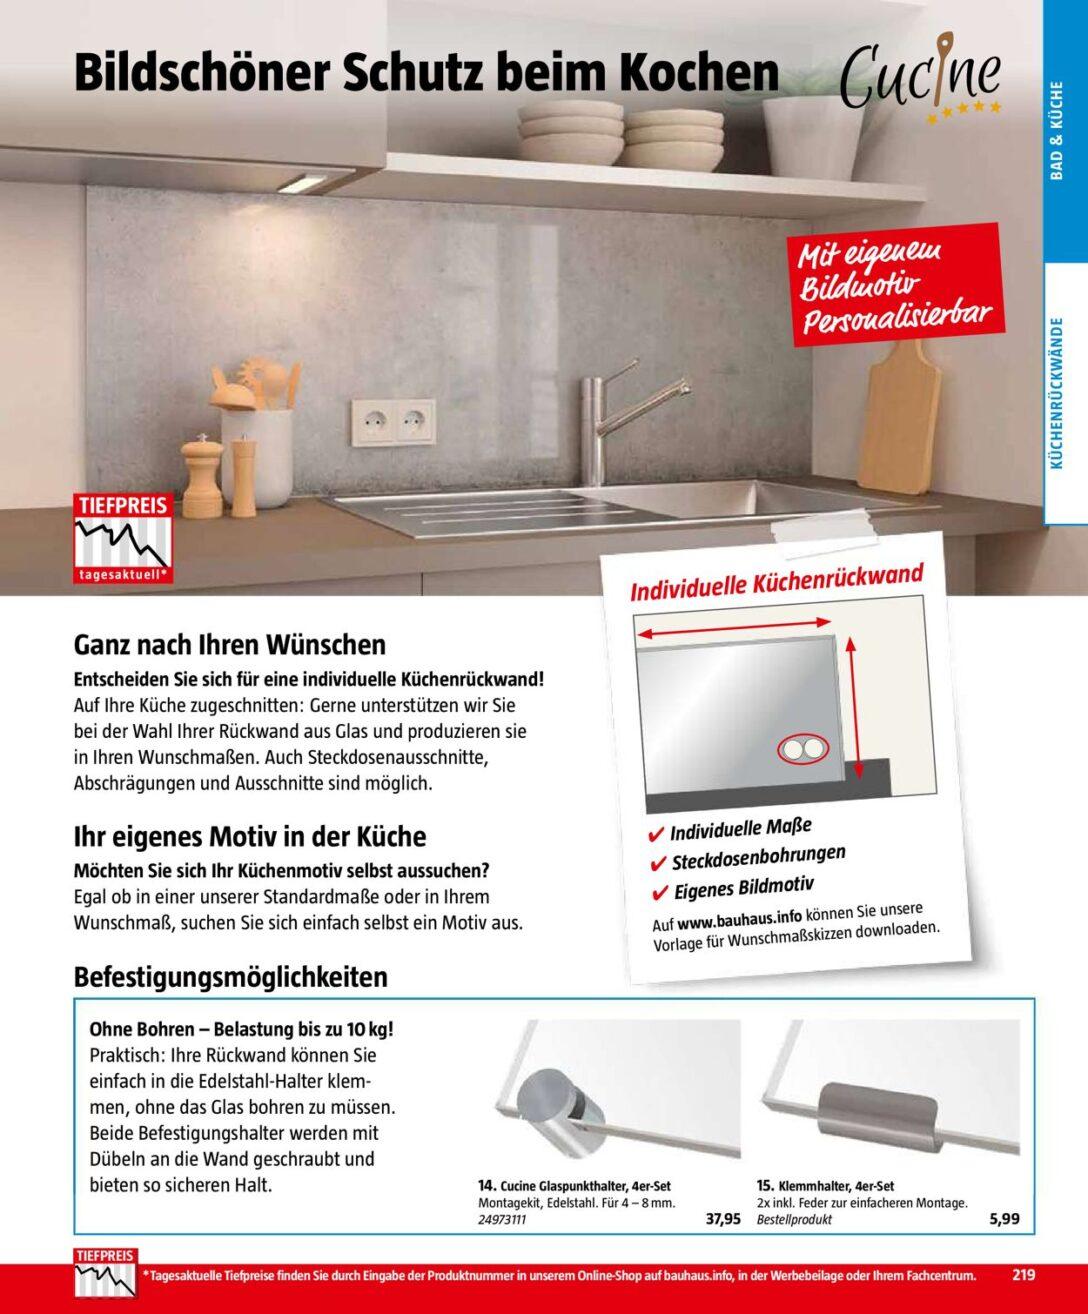 Large Size of Bauhaus Aktueller Prospekt 0410 31012020 219 Jedewoche Poco Bett Küche Betten 140x200 Schlafzimmer Komplett Big Sofa Wohnzimmer Küchenrückwand Poco